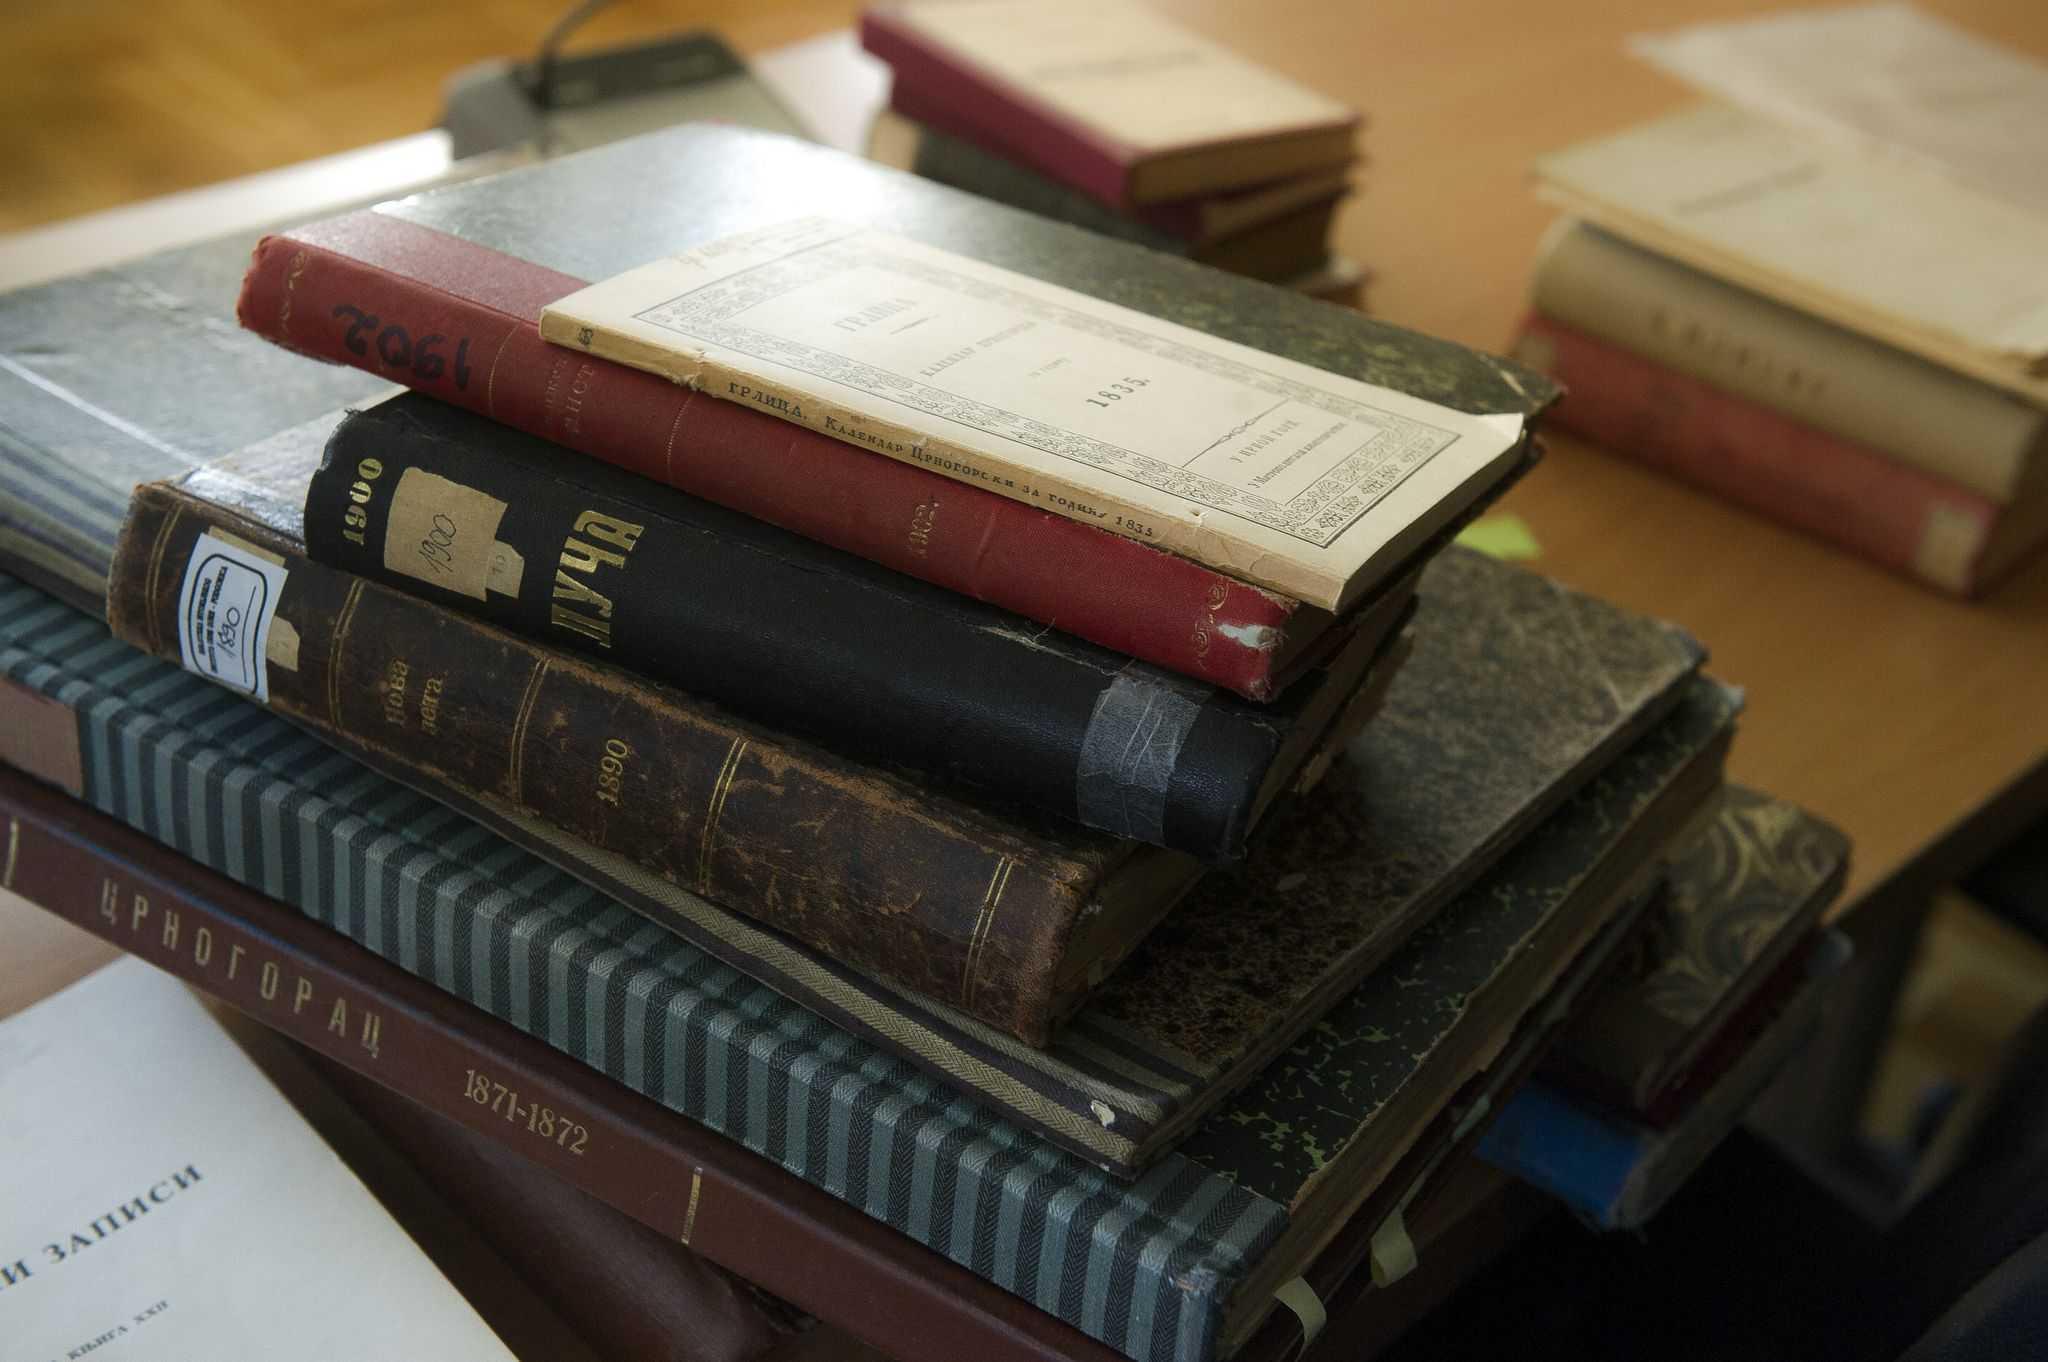 OBAVLJENA REVIZIJA BIBLIOTEČKE GRAĐE U BIBLIOTECI UMJETNOSTI